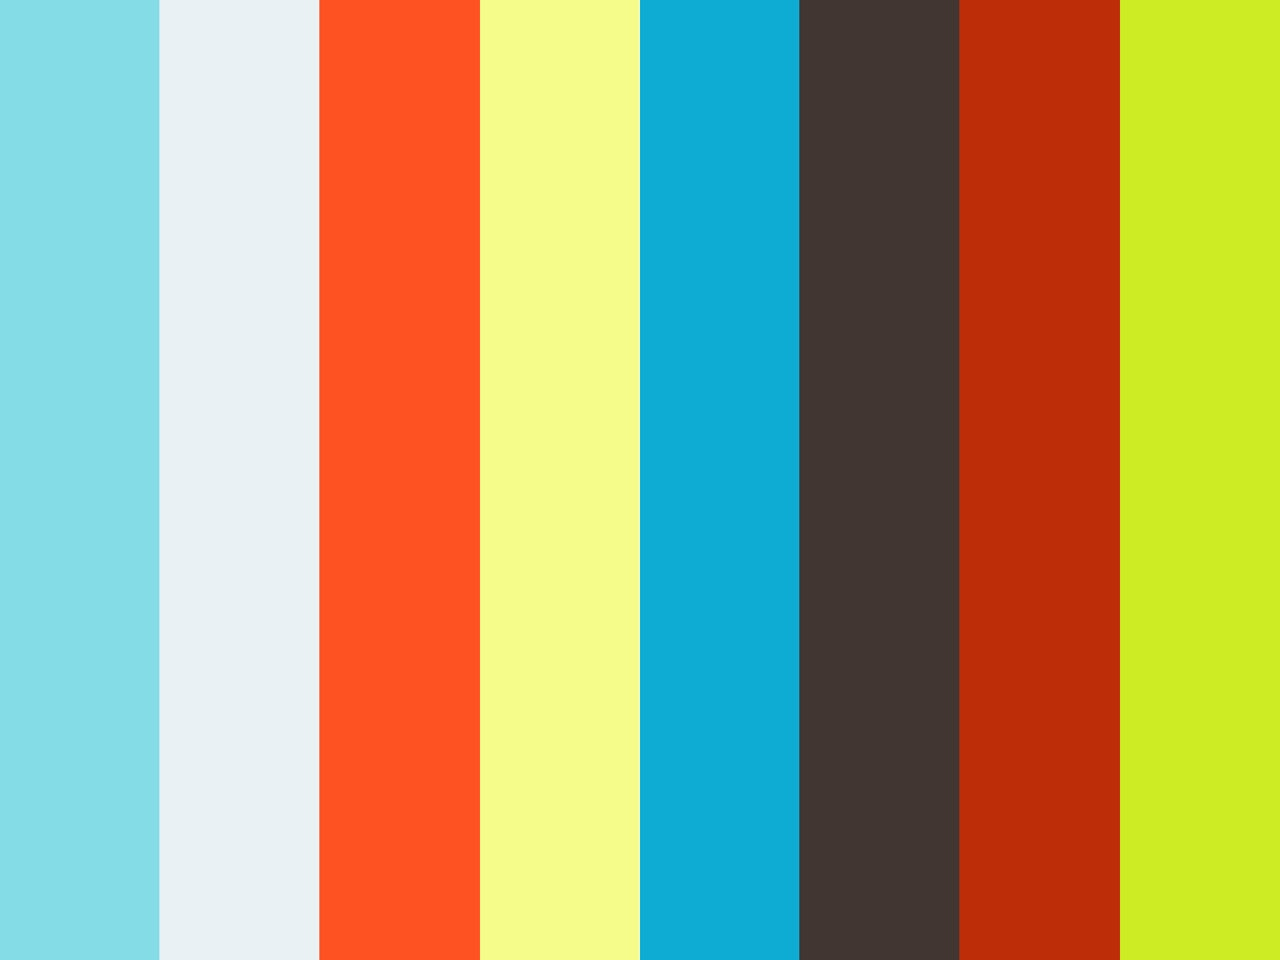 Maternelle B - Rallye en réalité augmentée! À la recherche des figures géométriques dans le monde fascinant des Emojis!